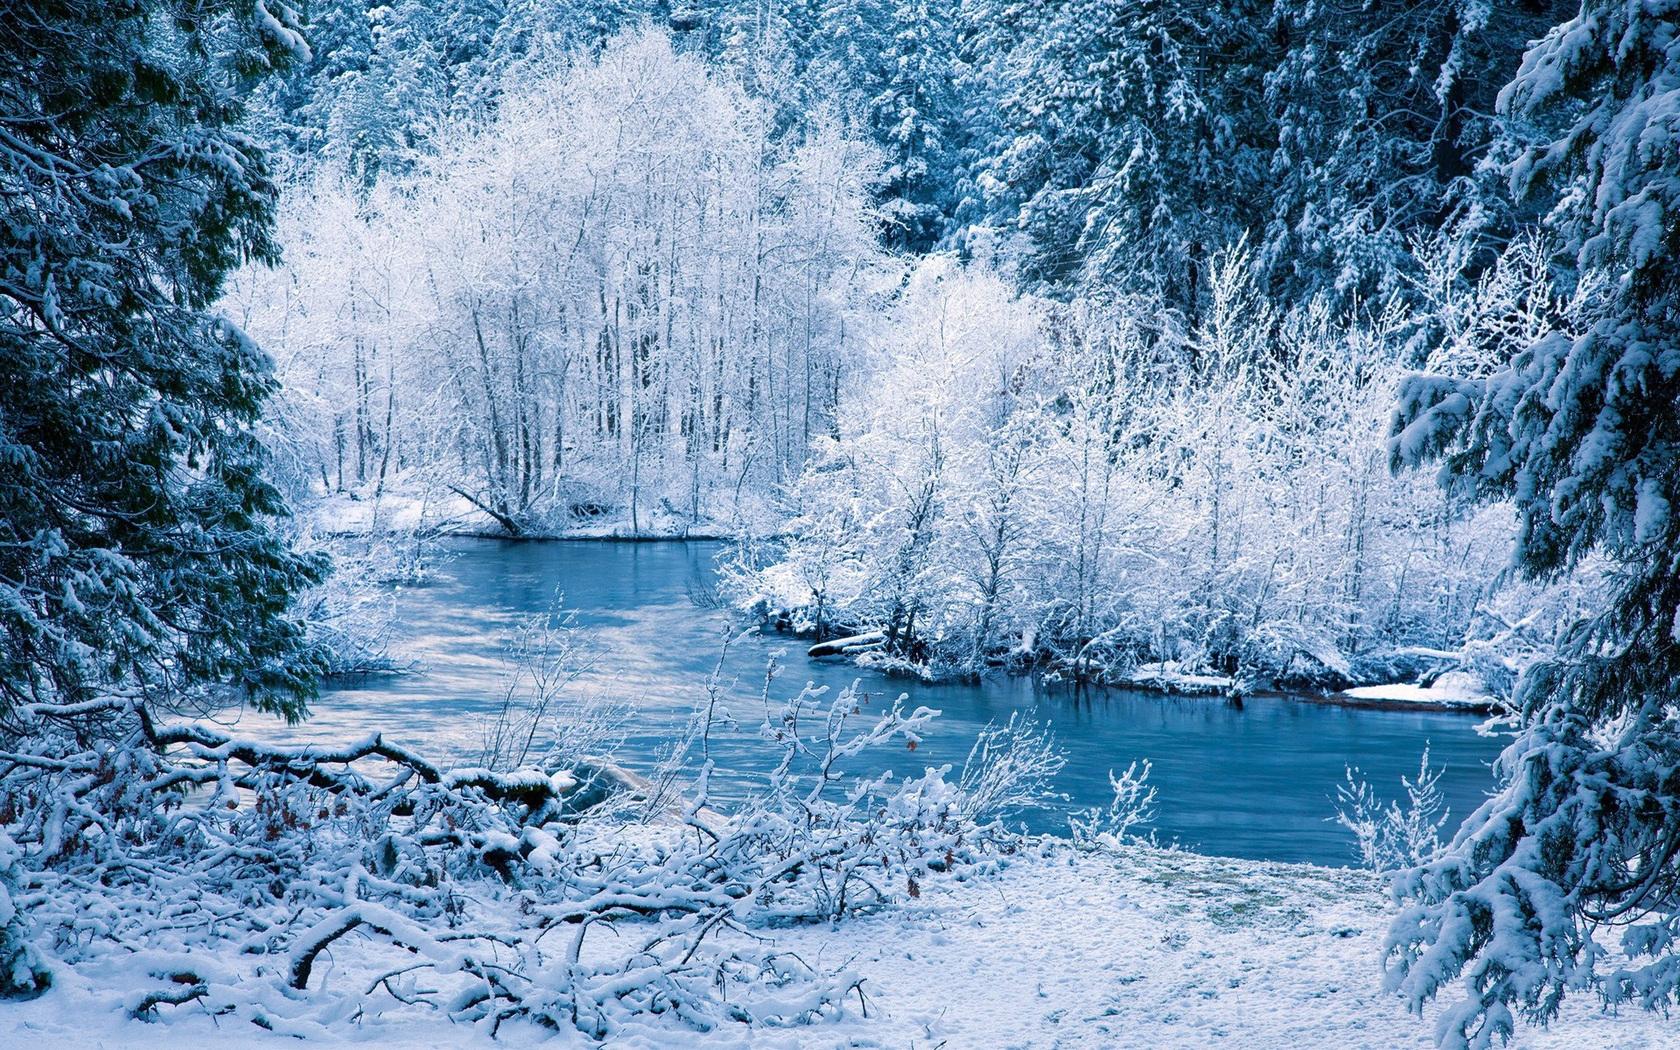 Sfondi Inverno Fiume La Neve Alberi Paesaggio 1680x1050